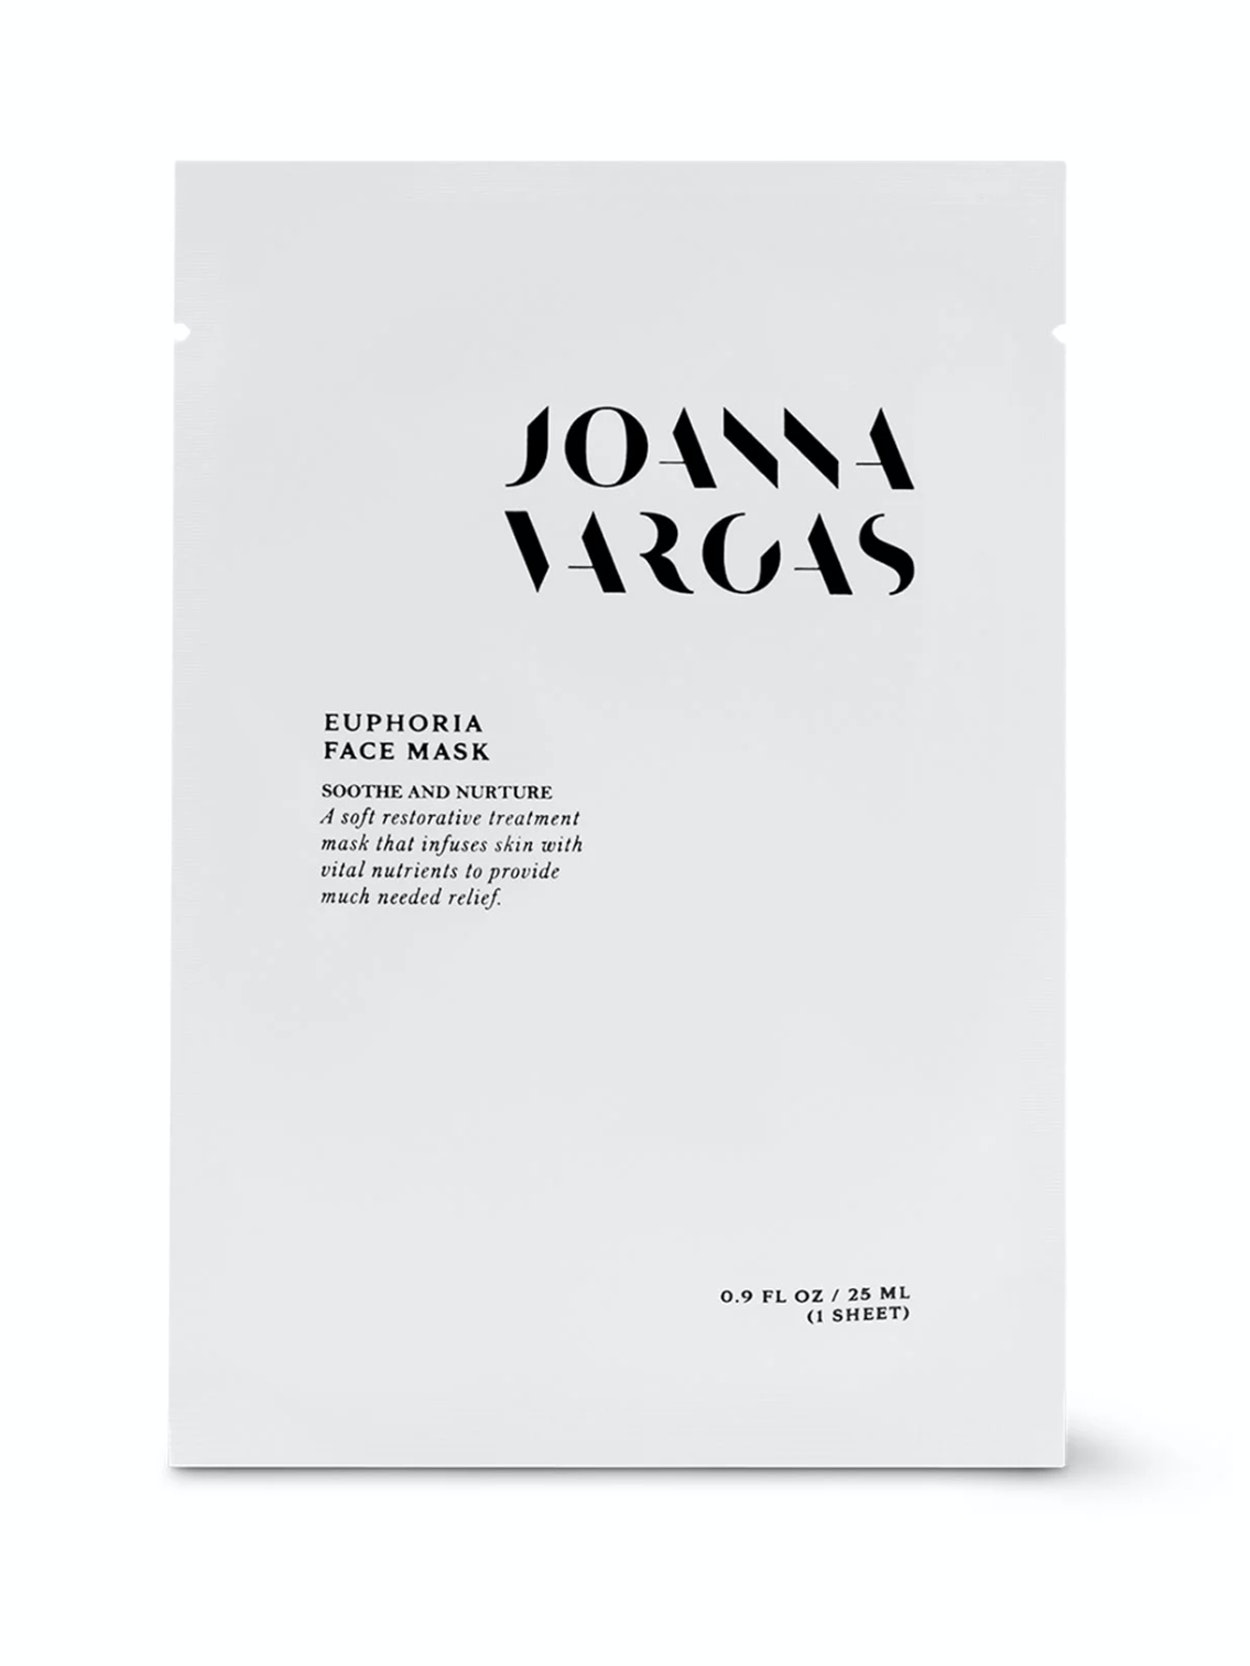 Joanna Vargas mushroom mask